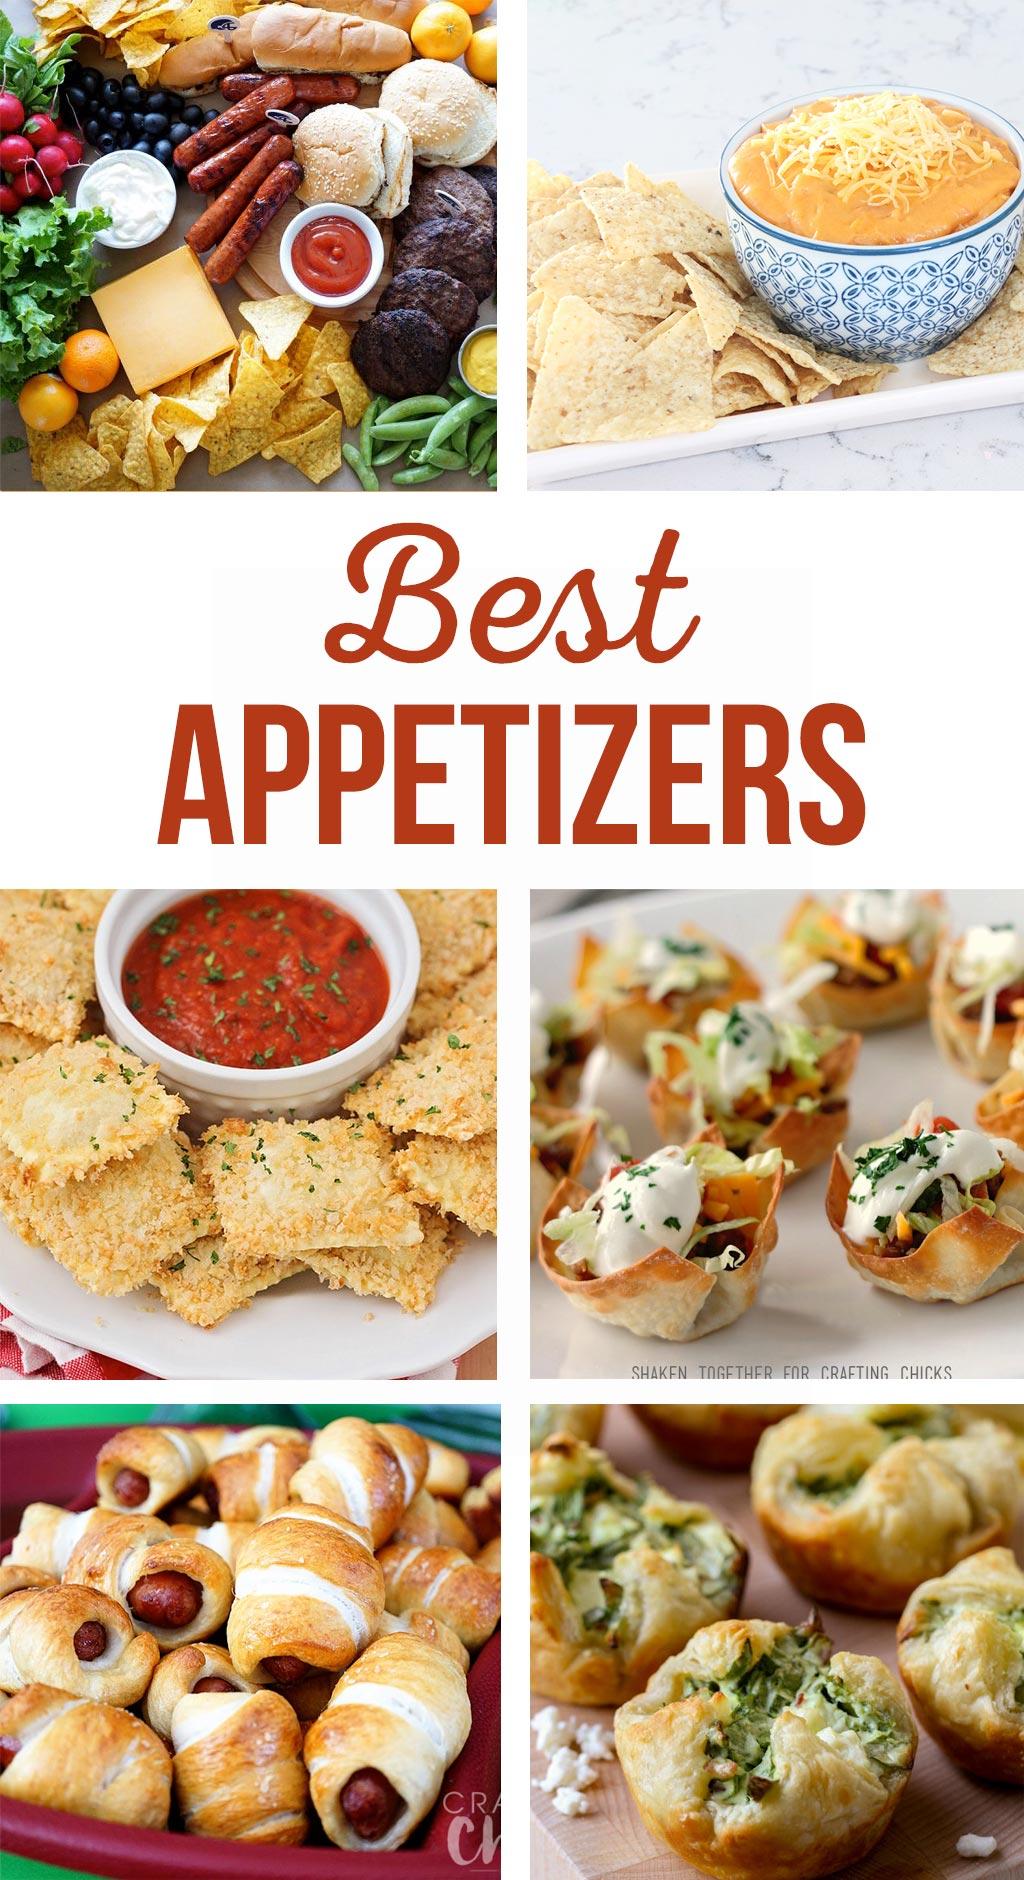 Best Appetizers